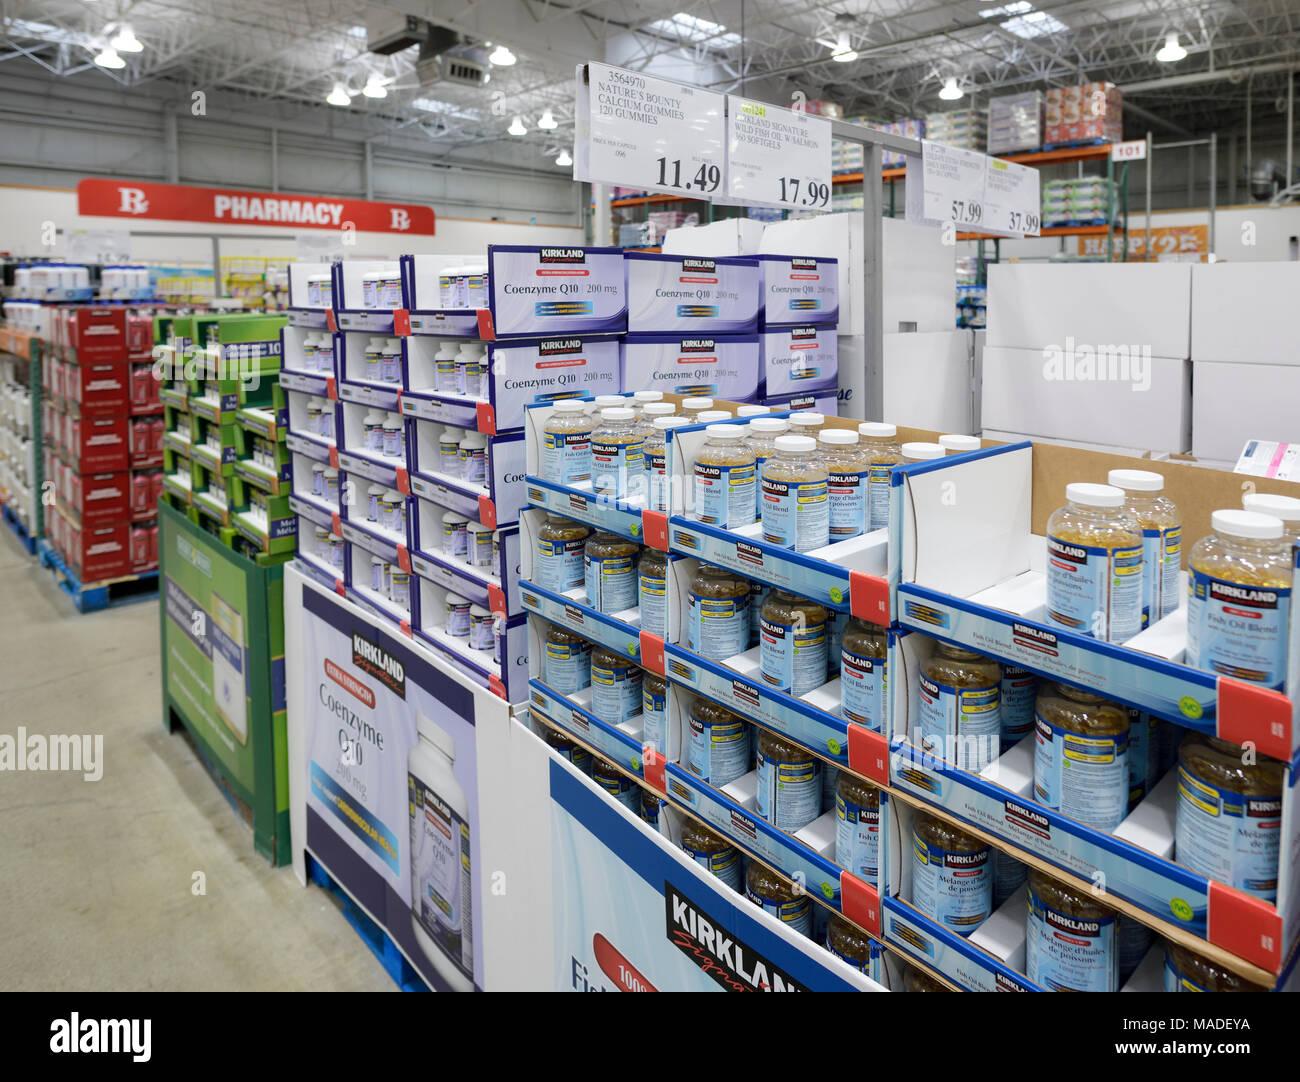 Vitamine und Nahrungsergänzungsmittel in Kirkland Marke Costco Wholesale Mitgliedschaft Lagerverkauf Apotheke Abschnitt. Fischöl und Coenzym Q10 British Columb Stockbild